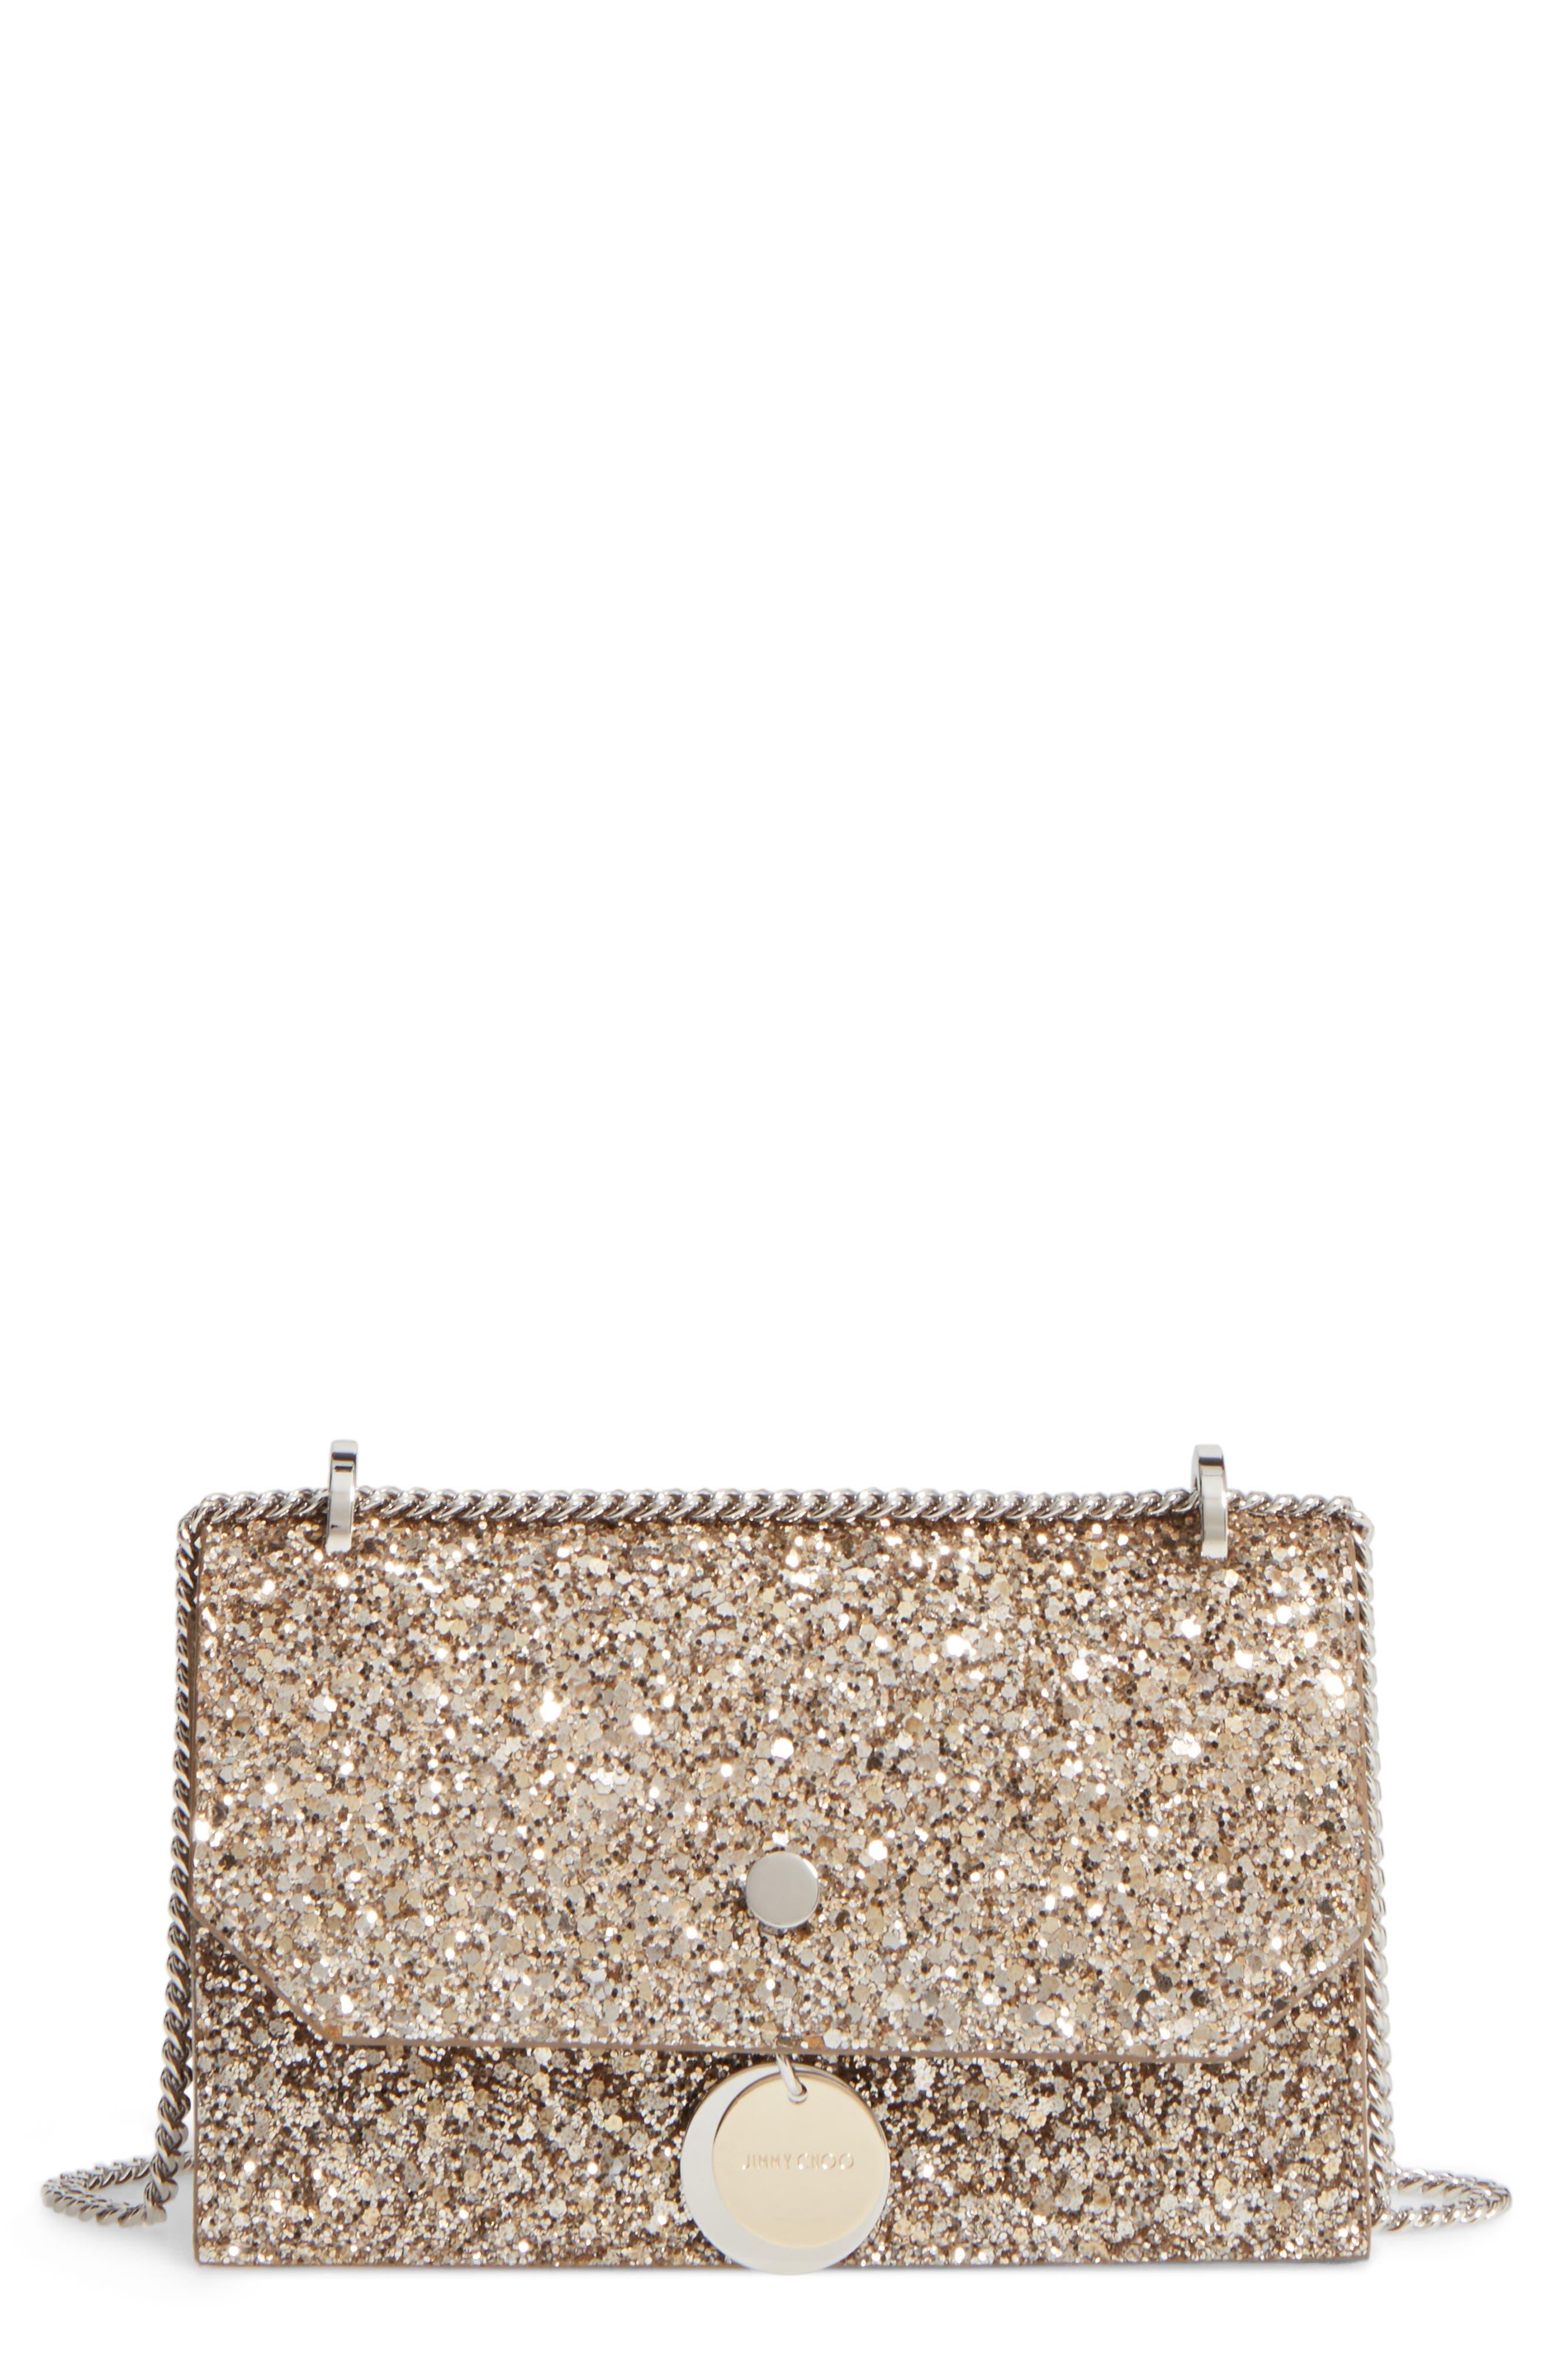 JIMMY CHOO Finley Shadow Glitter Shoulder Bag